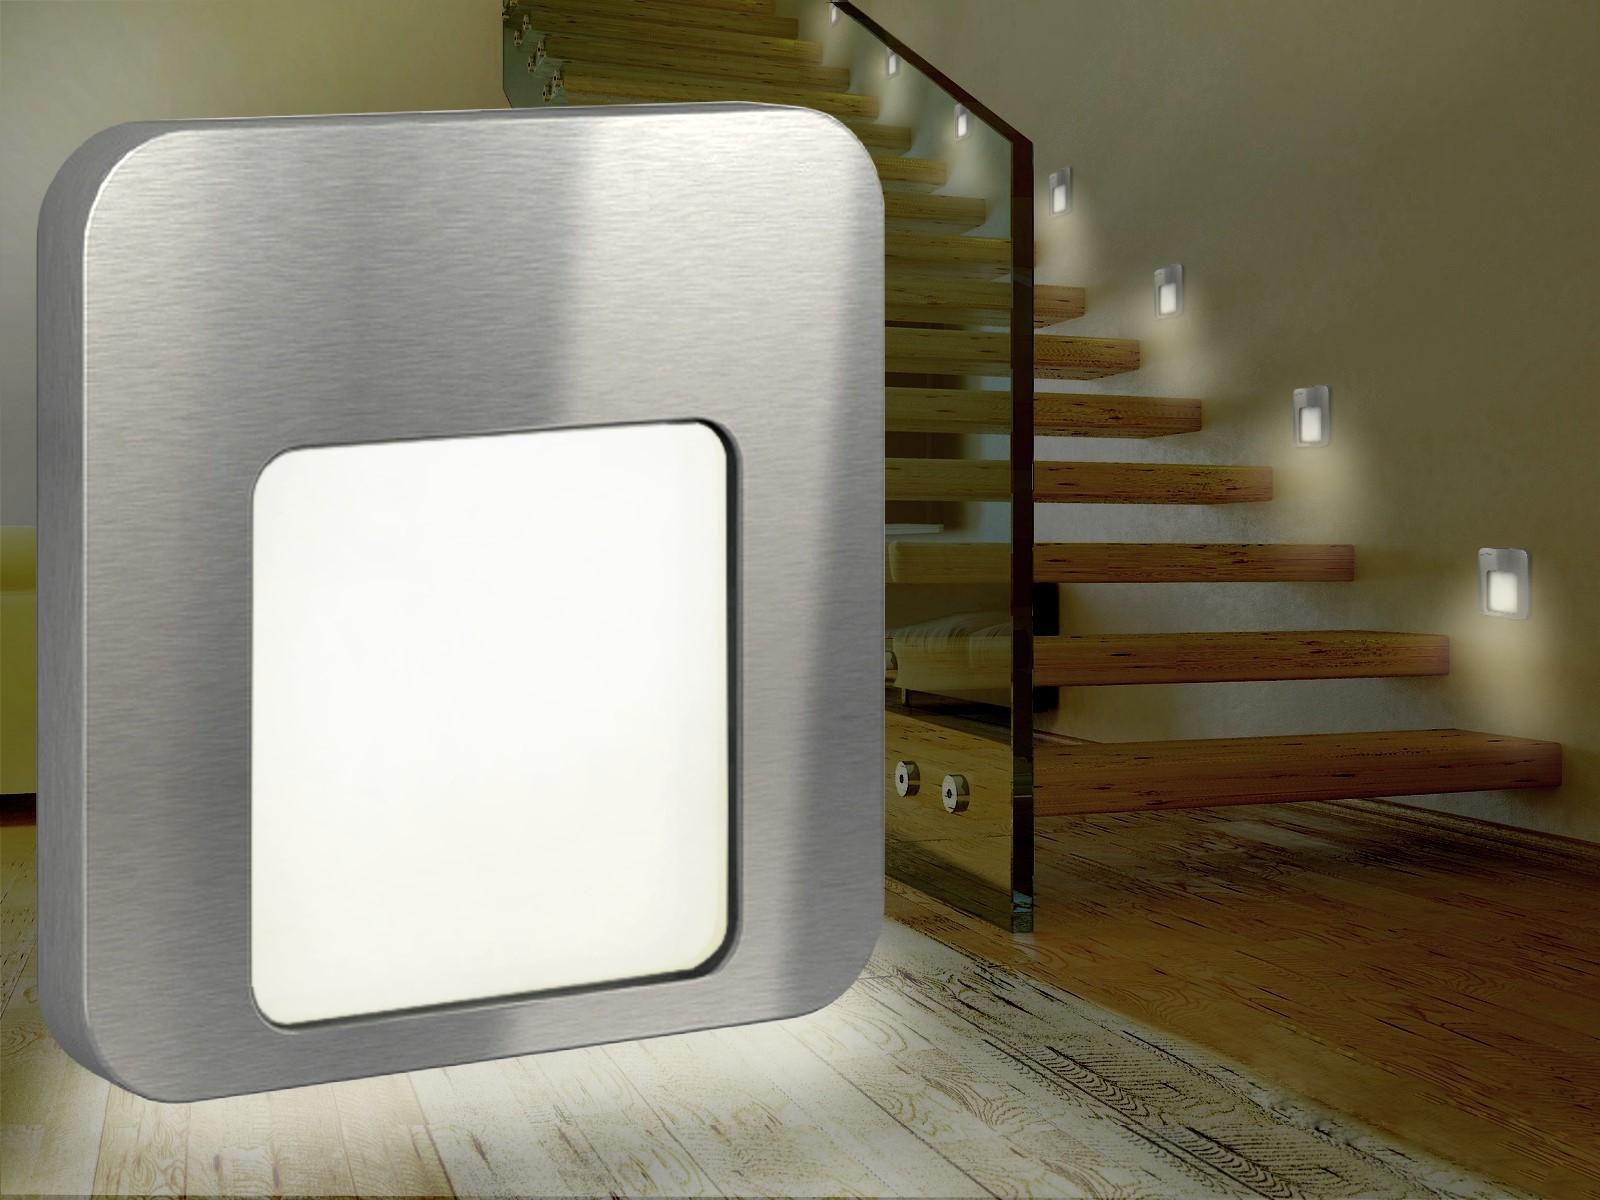 led treppen wandeinbauleuchte stufenlicht f 60mm up dose ip20 230v warm wei ebay. Black Bedroom Furniture Sets. Home Design Ideas